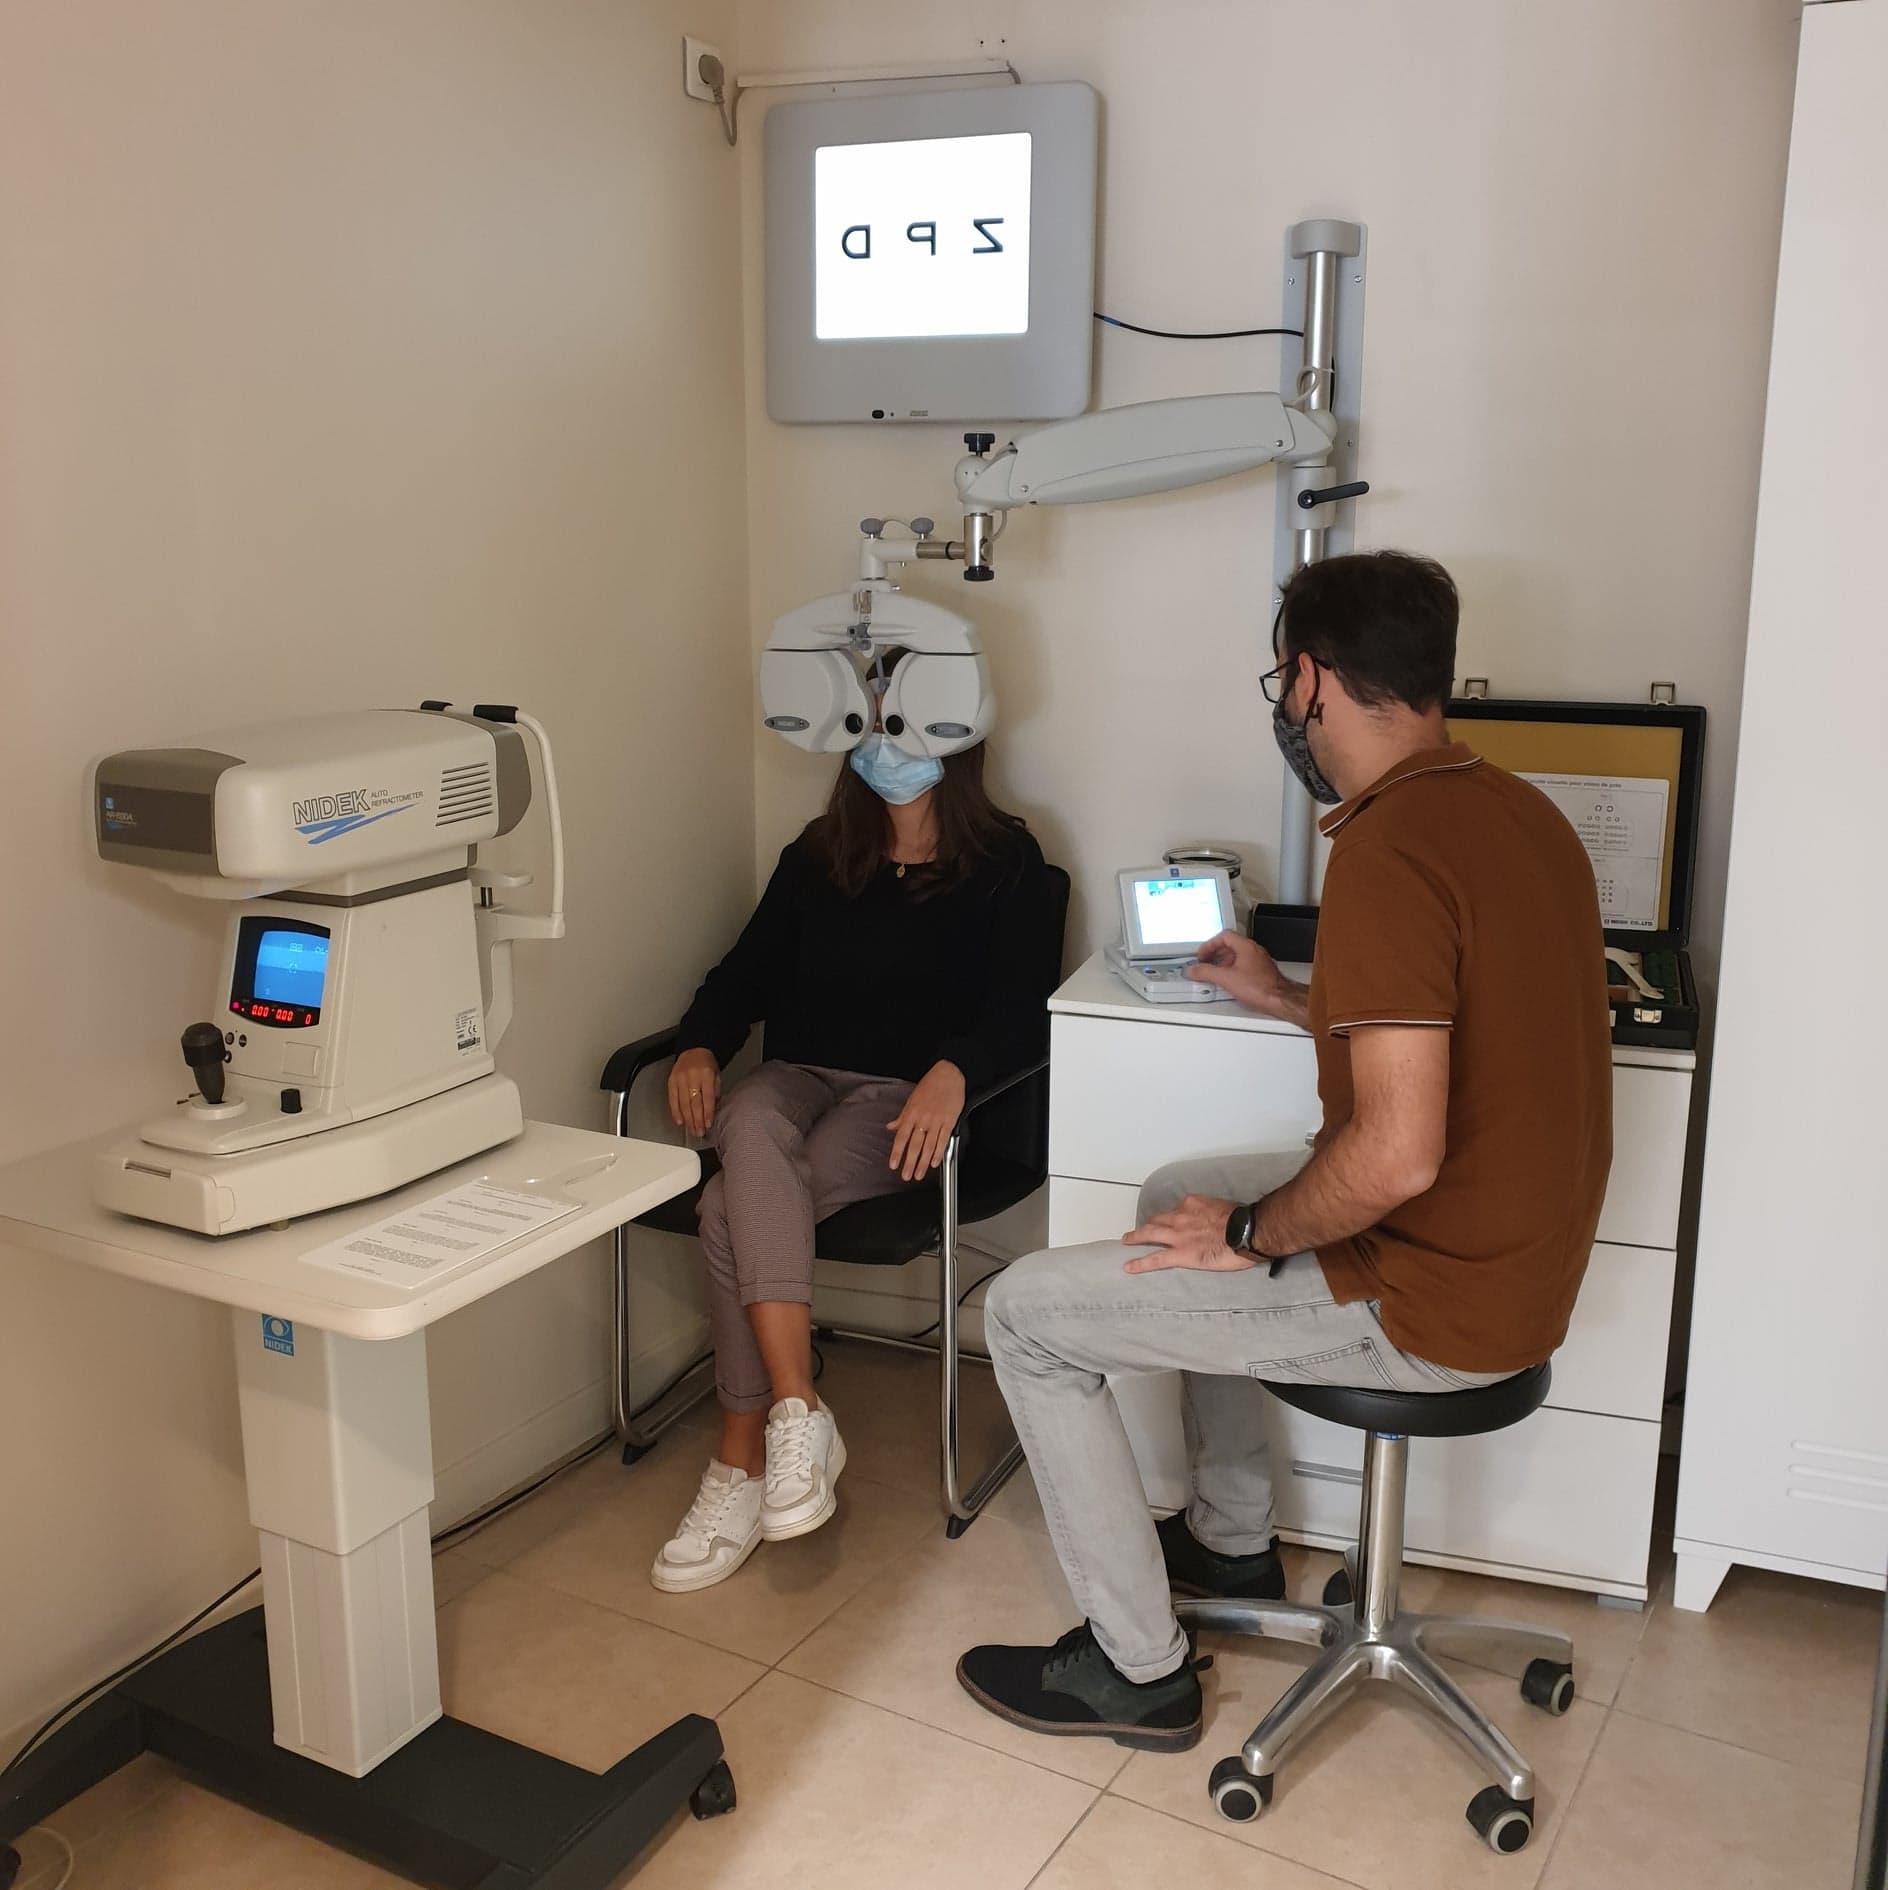 examen de la vue saint-gilles opticien lunettes vue ophtalmologue orthoptiste